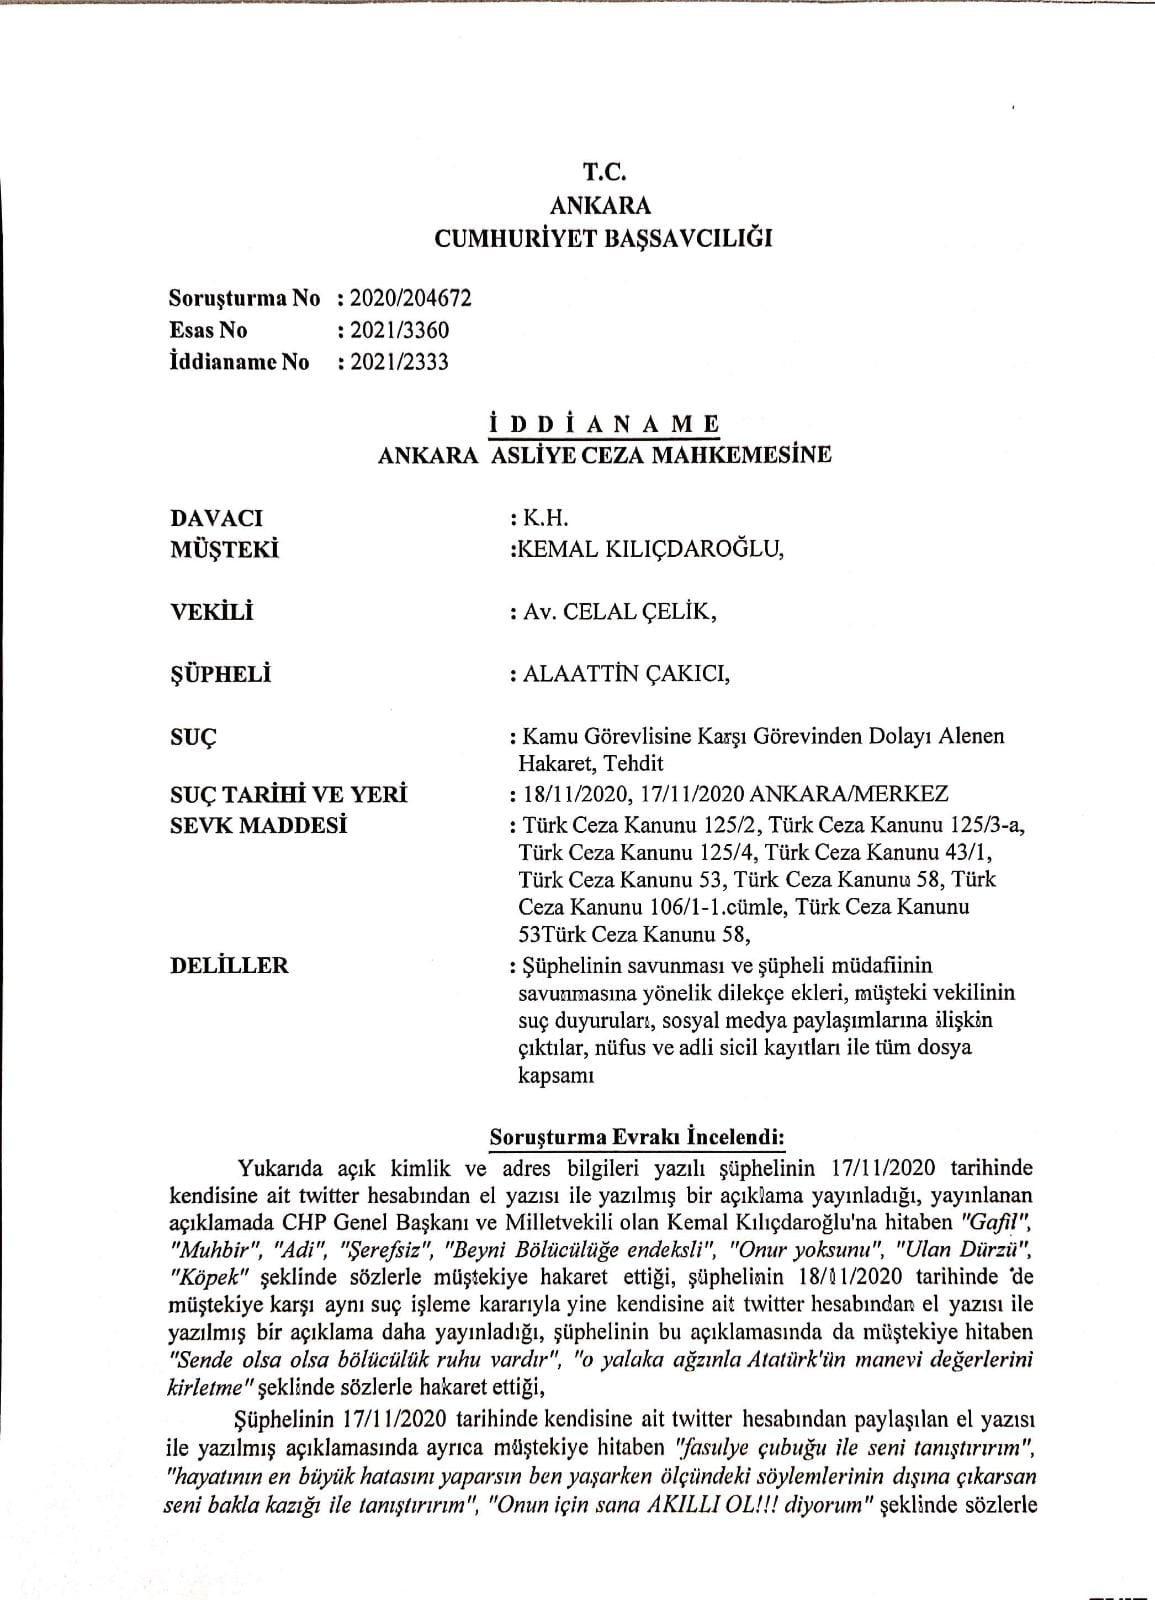 Kılıçdaroğlu'nu tehdit eden Alaattin Çakıcı hakkında iddianame hazırlandı